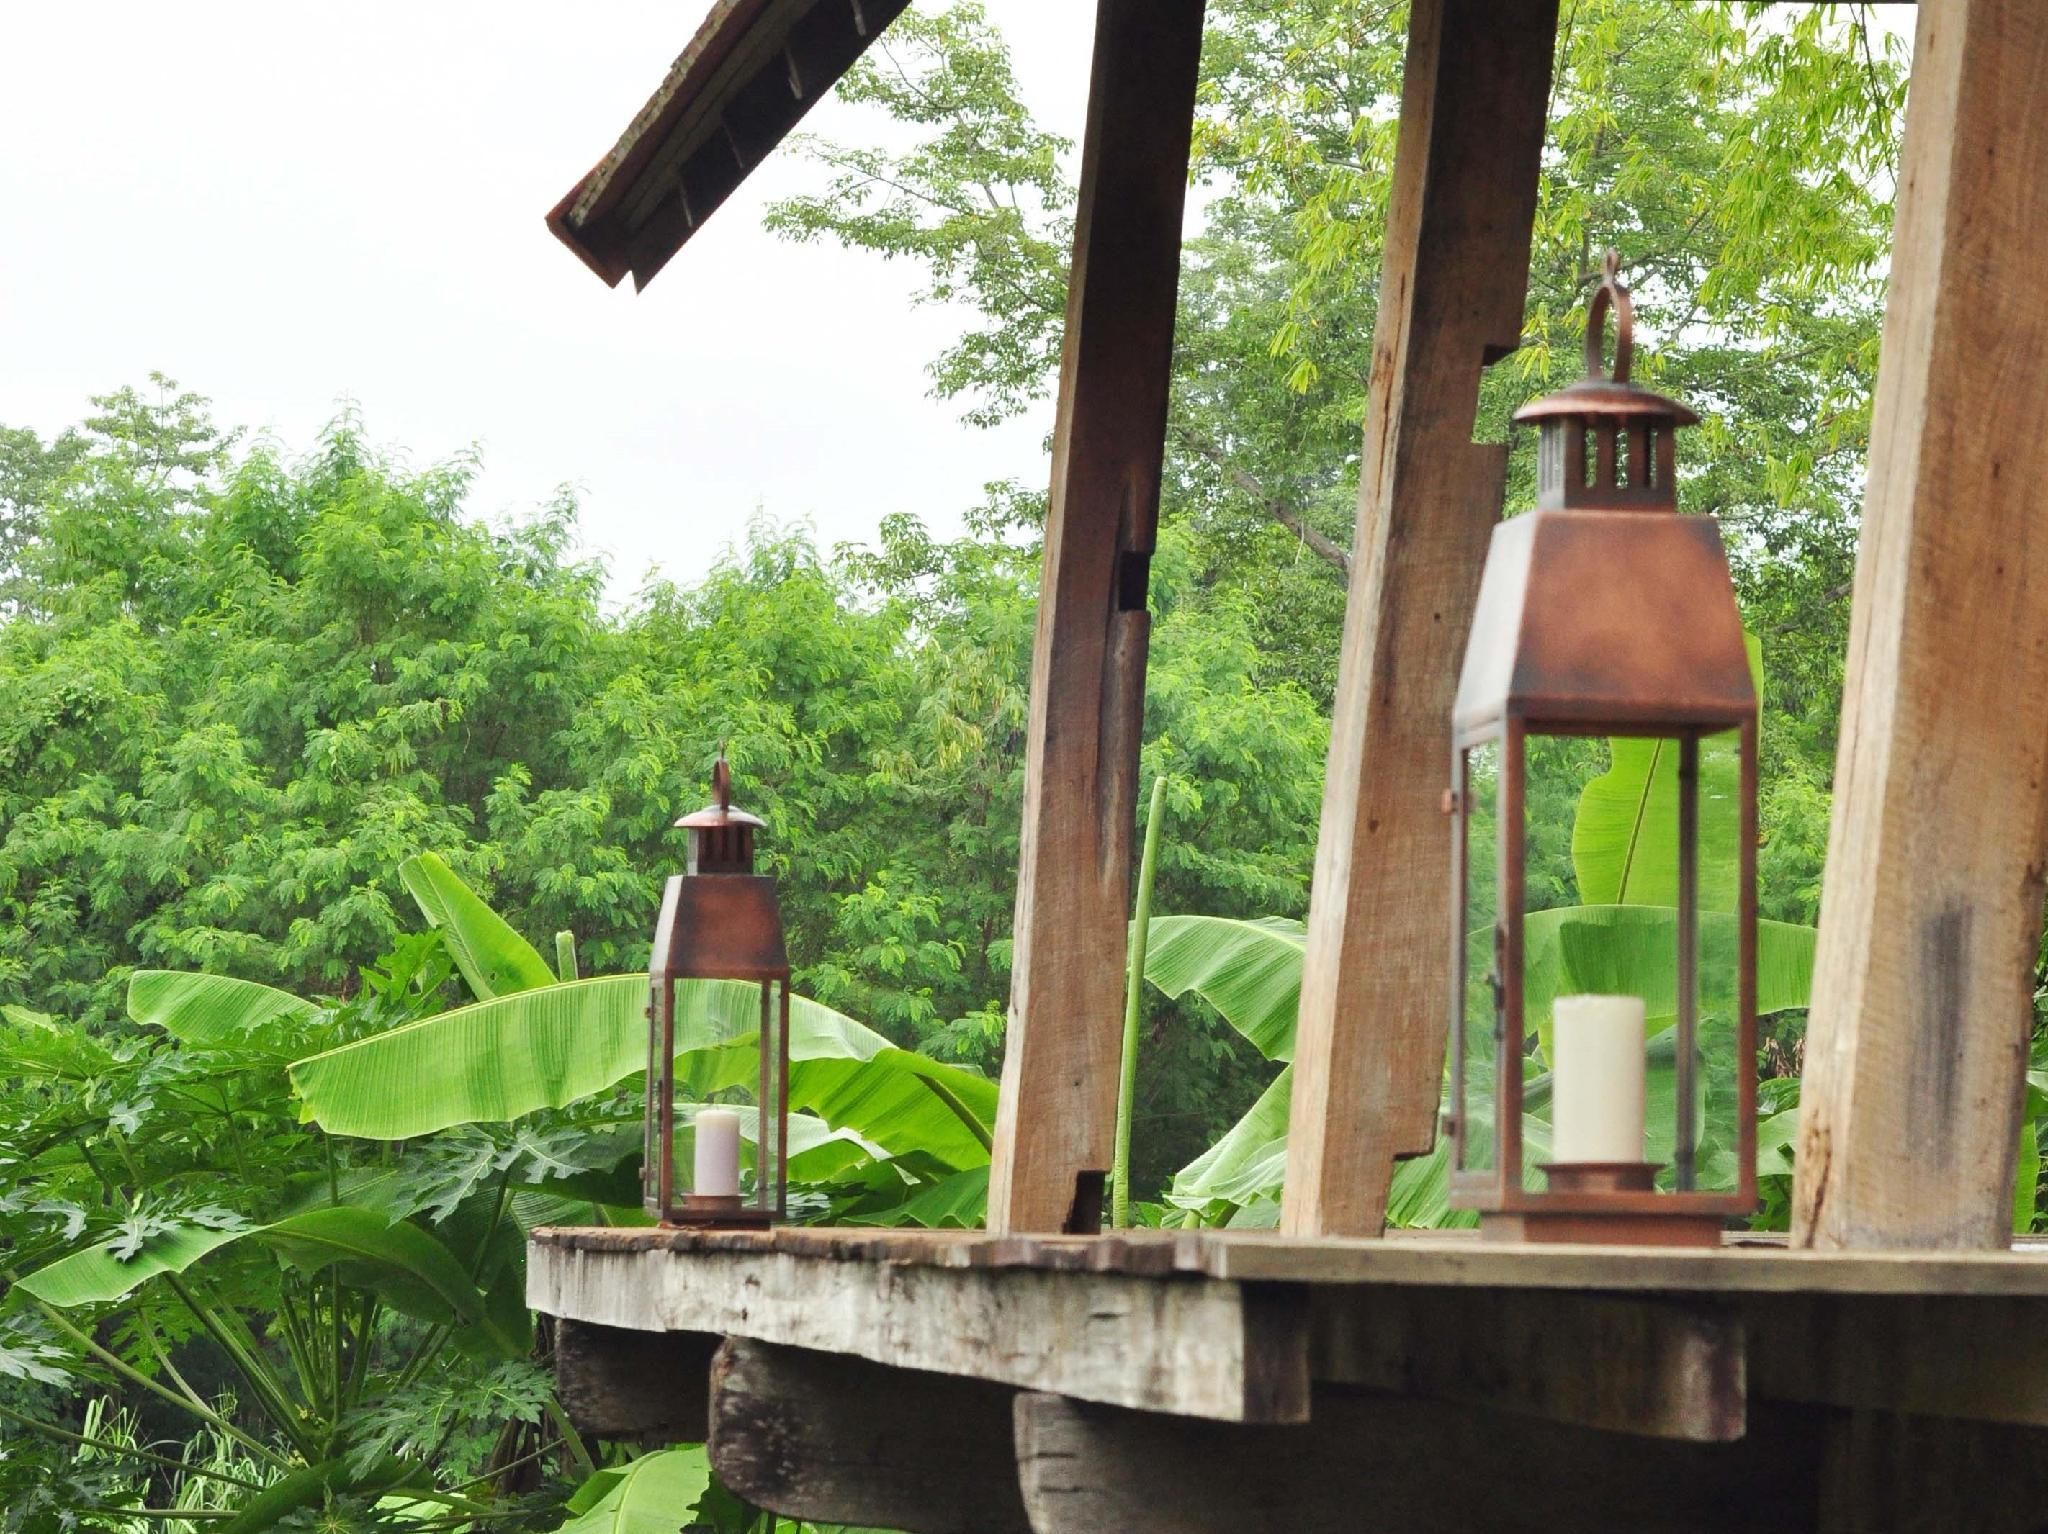 รูปภาพ & รีวิว บ้าน 88 เชียงใหม่ (Baan 88 Chiang Mai) [CR] Pantip